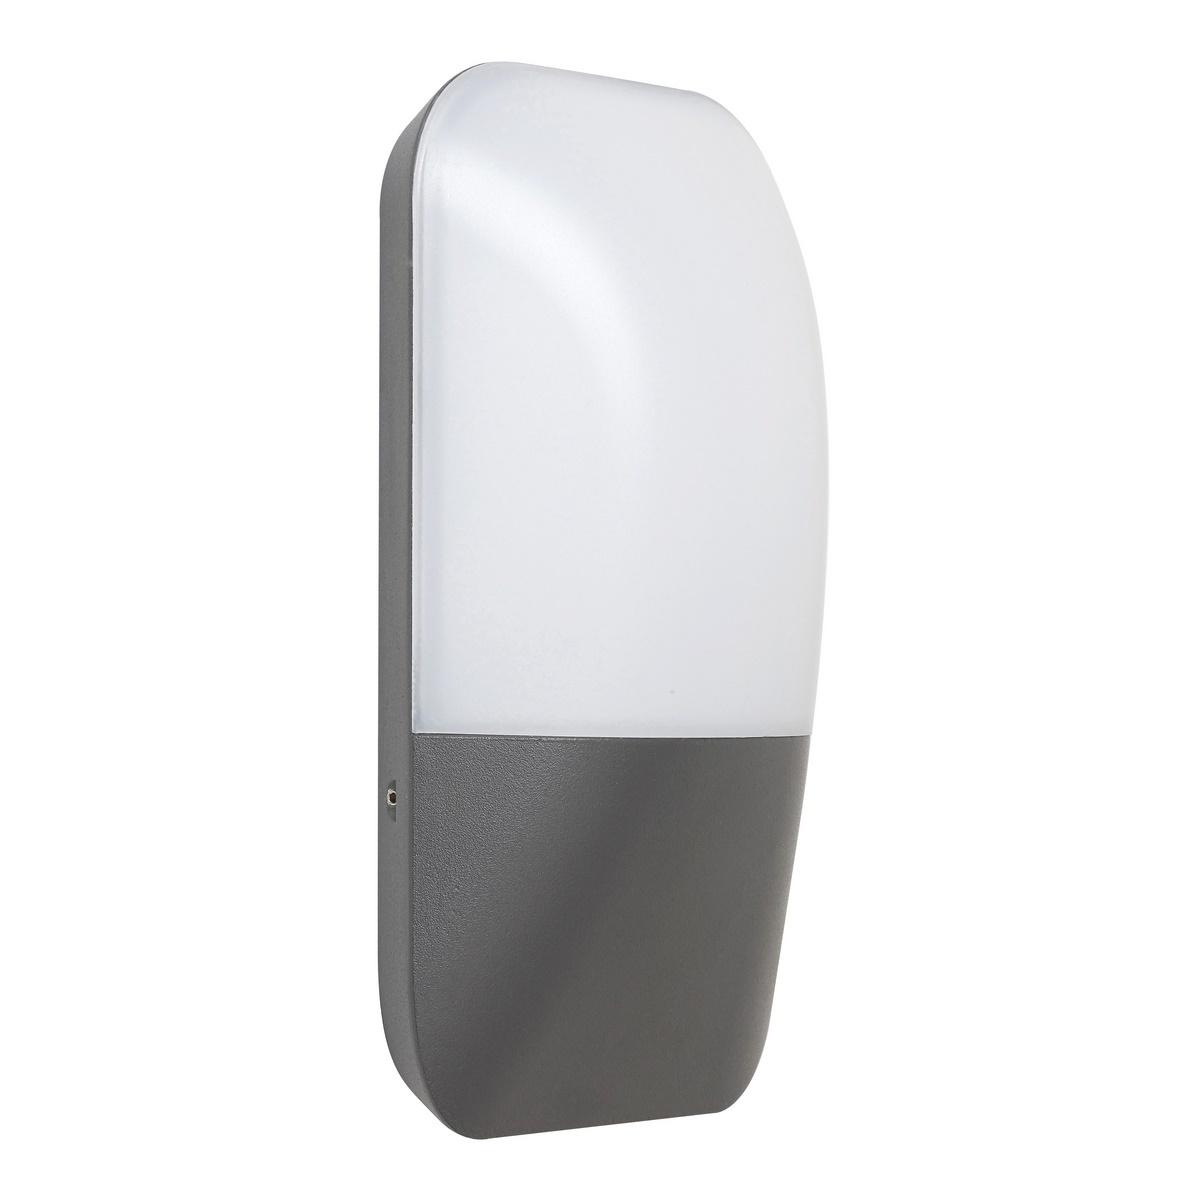 Rabalux 7996 Ecuador Venkovní LED nástěnné svítidlo, šedá